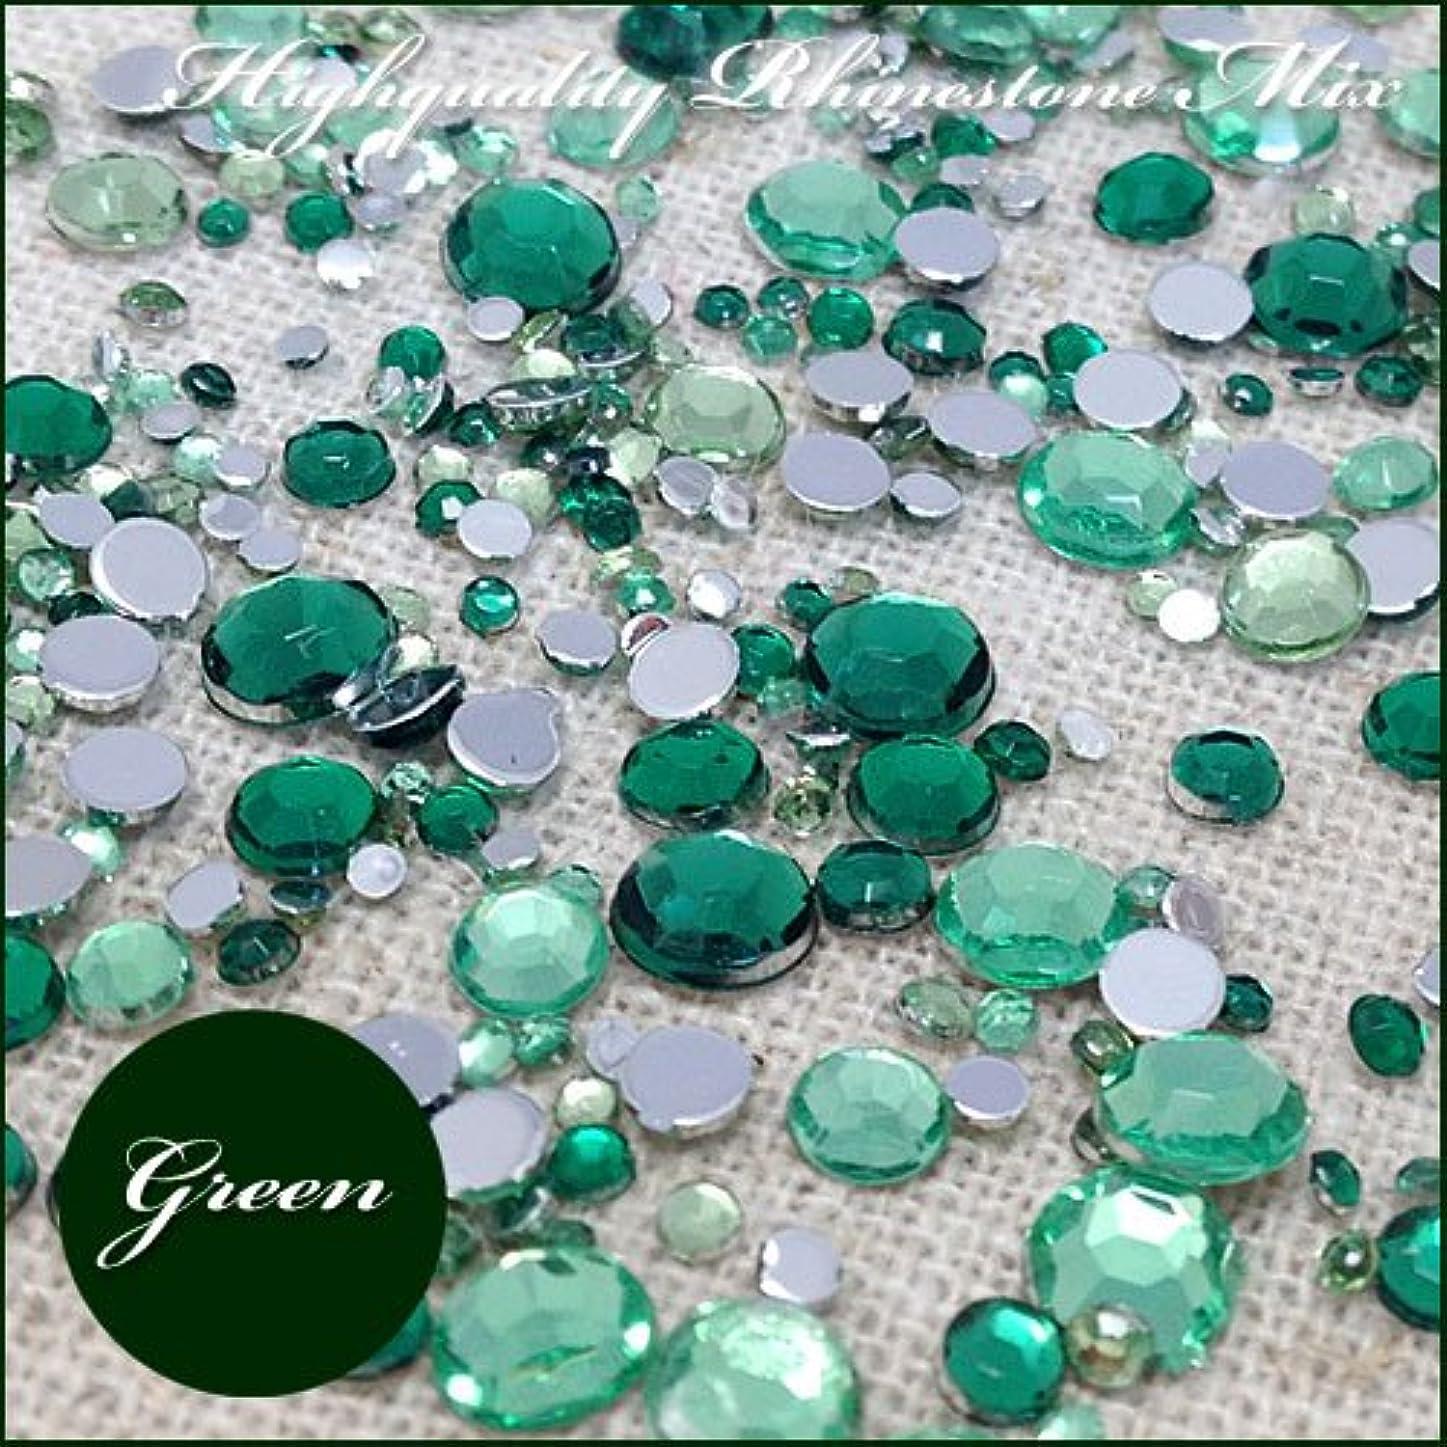 ブレイズ慰め争う高品質ダイヤカットストーンカラー系パック「グリーン系」合計250個入り~1.5mm/2mm/3mm/4mm/5mm~